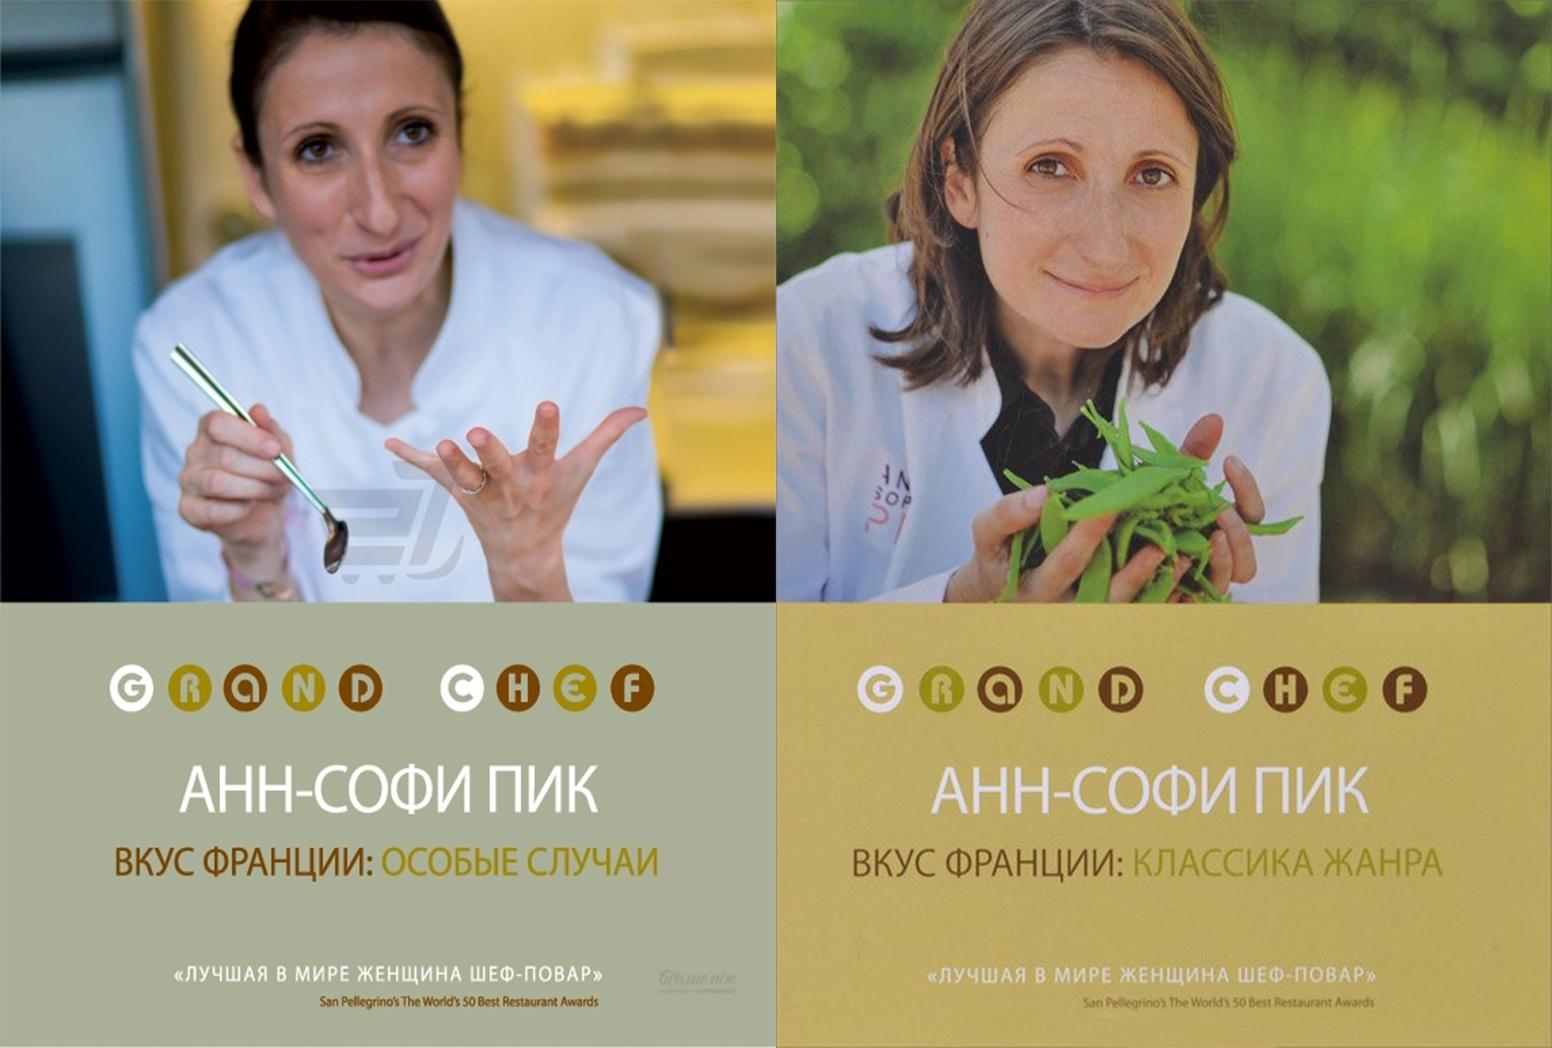 Пик Анн-Софи Набор книг по кулинарии Франции 2 книги Анн-Софи Пик Вкус Франции